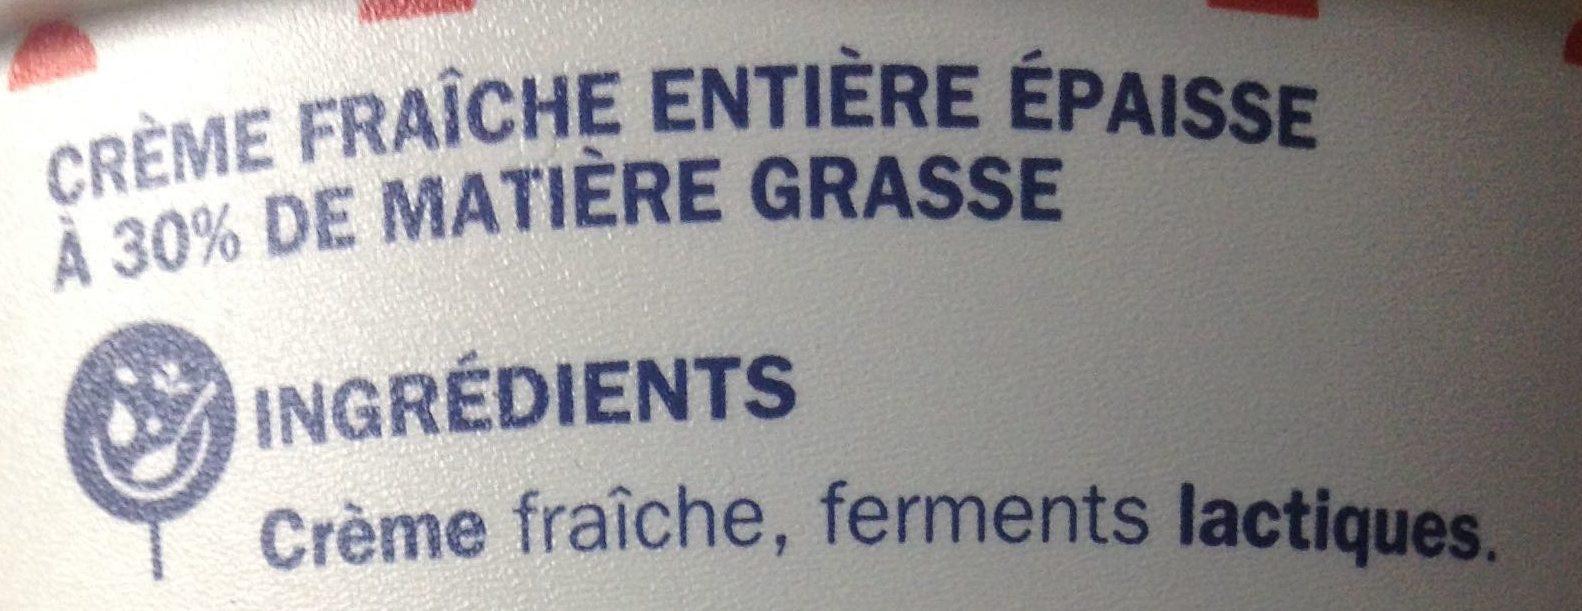 Crème fraîche entière épaisse 30% mg - Ingredients